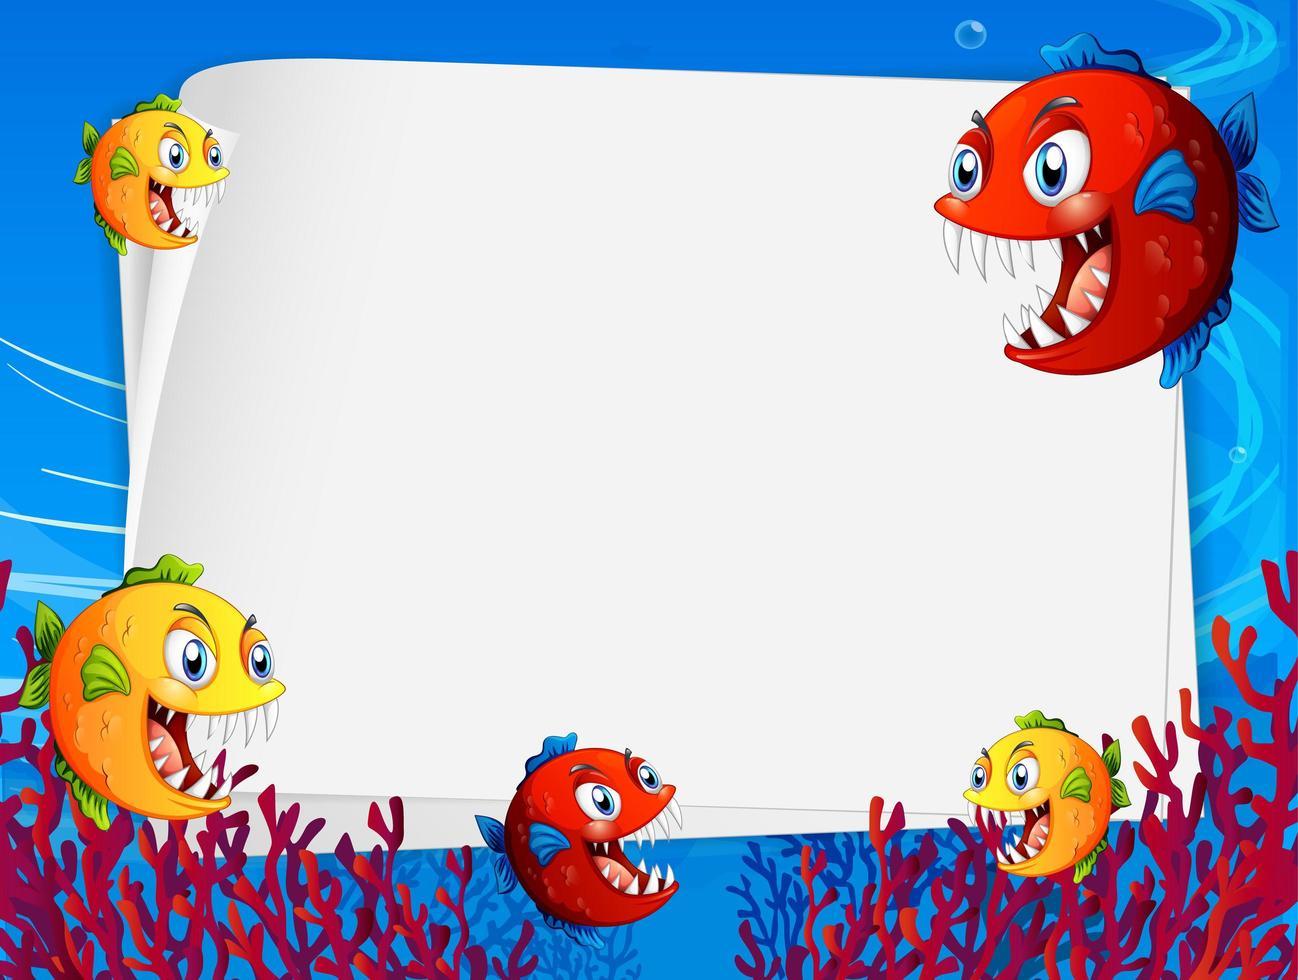 modèle de papier vierge avec personnage de dessin animé de poissons exotiques dans la scène sous-marine vecteur